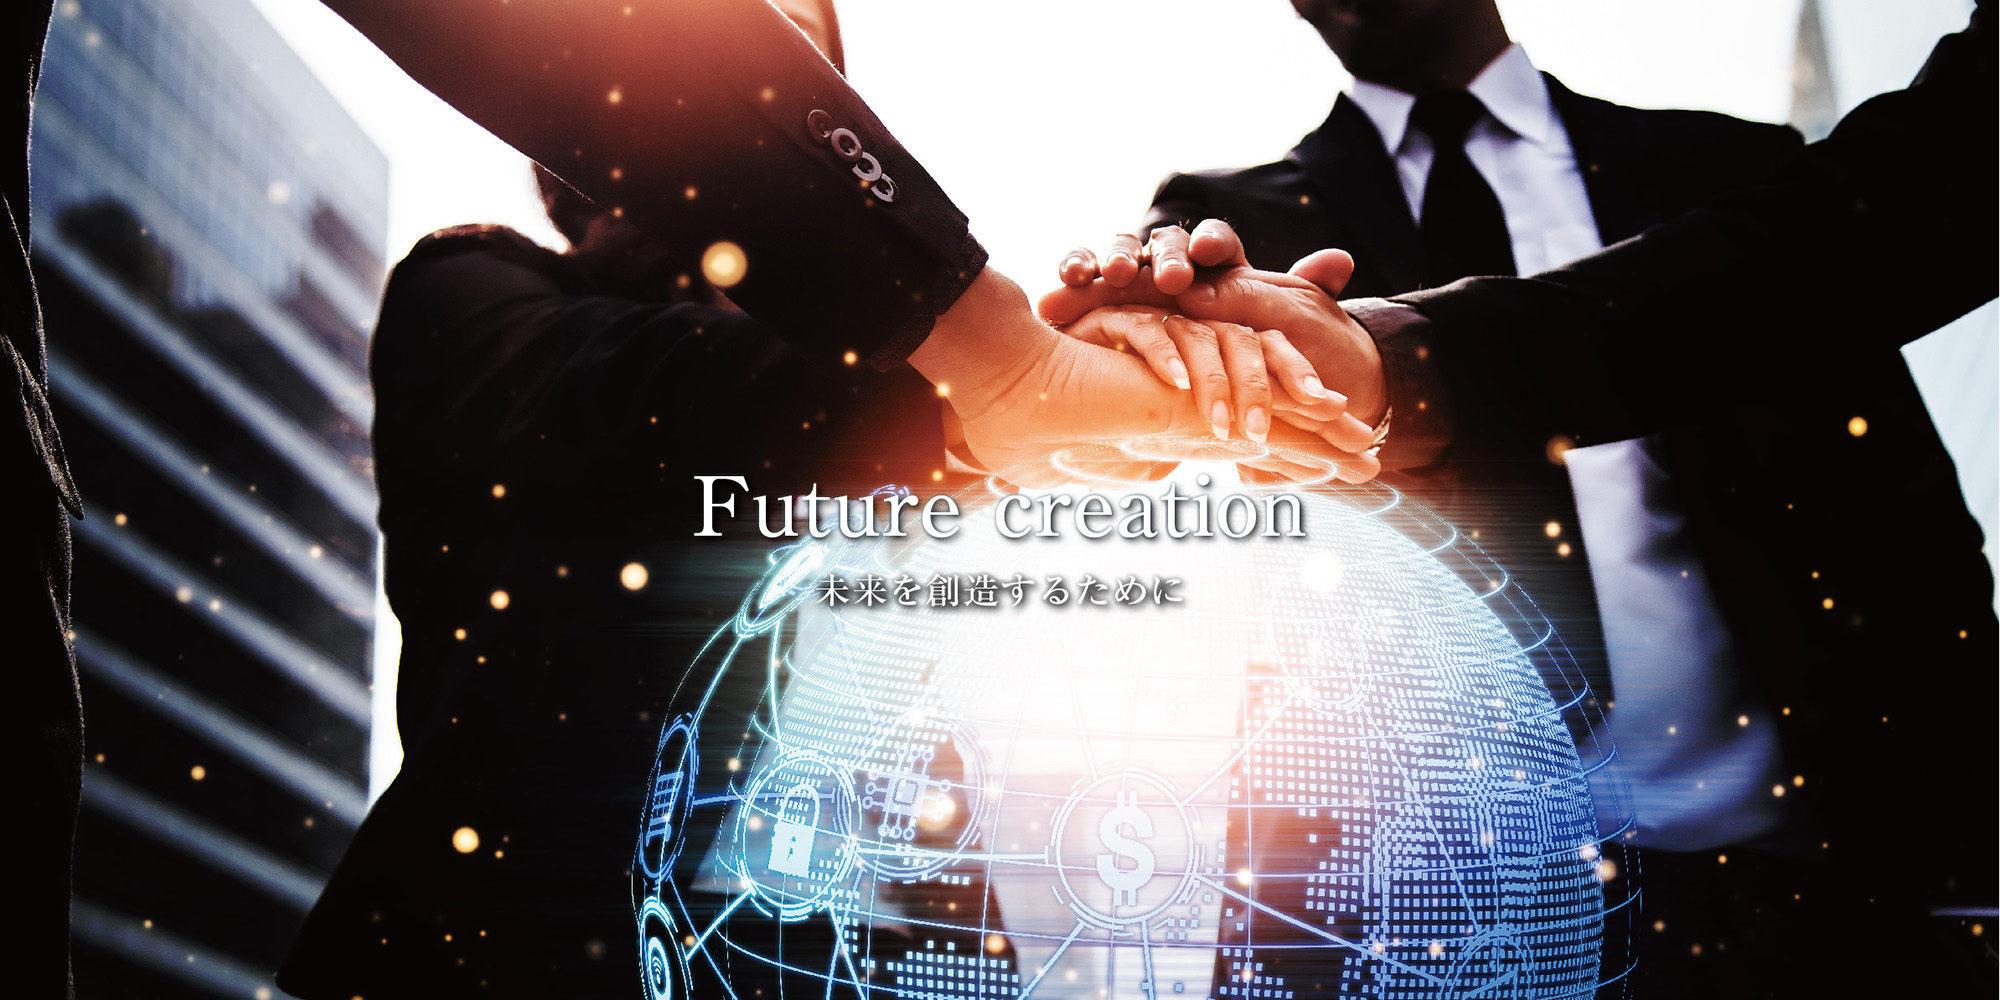 未来を創造するために